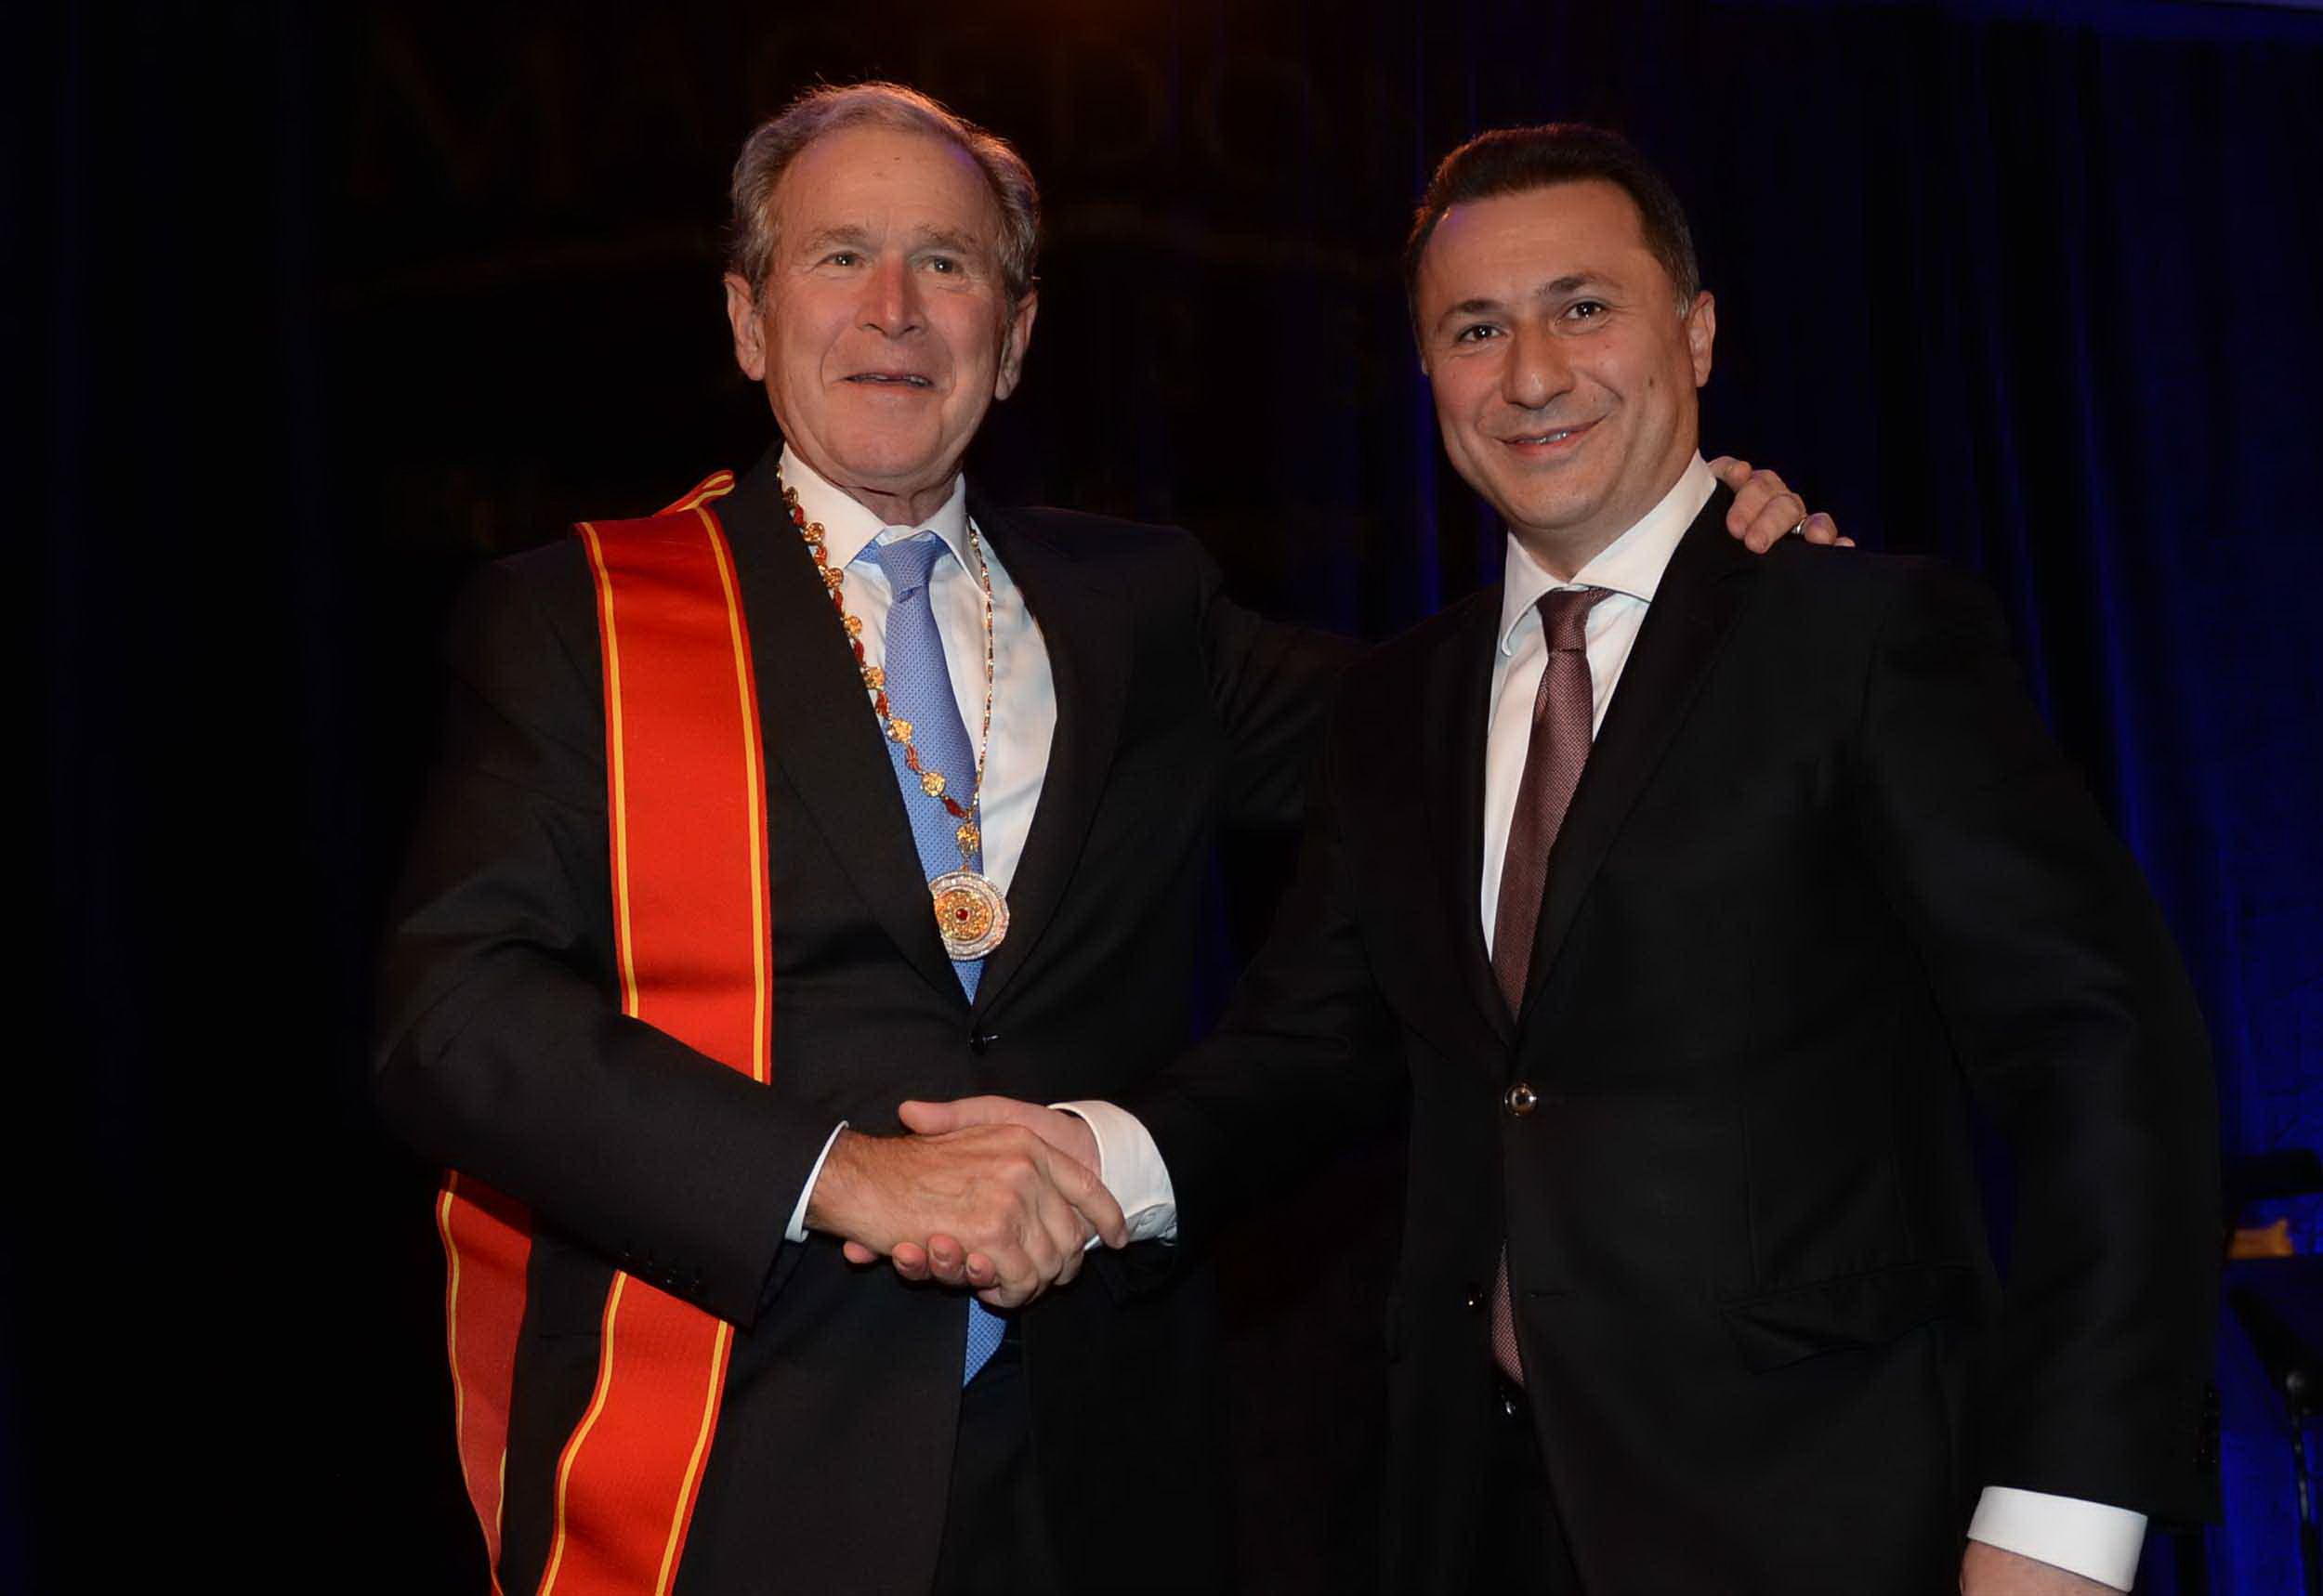 Премиерот Груевски му врачи орден на РМ на претседателот Џорџ Буш